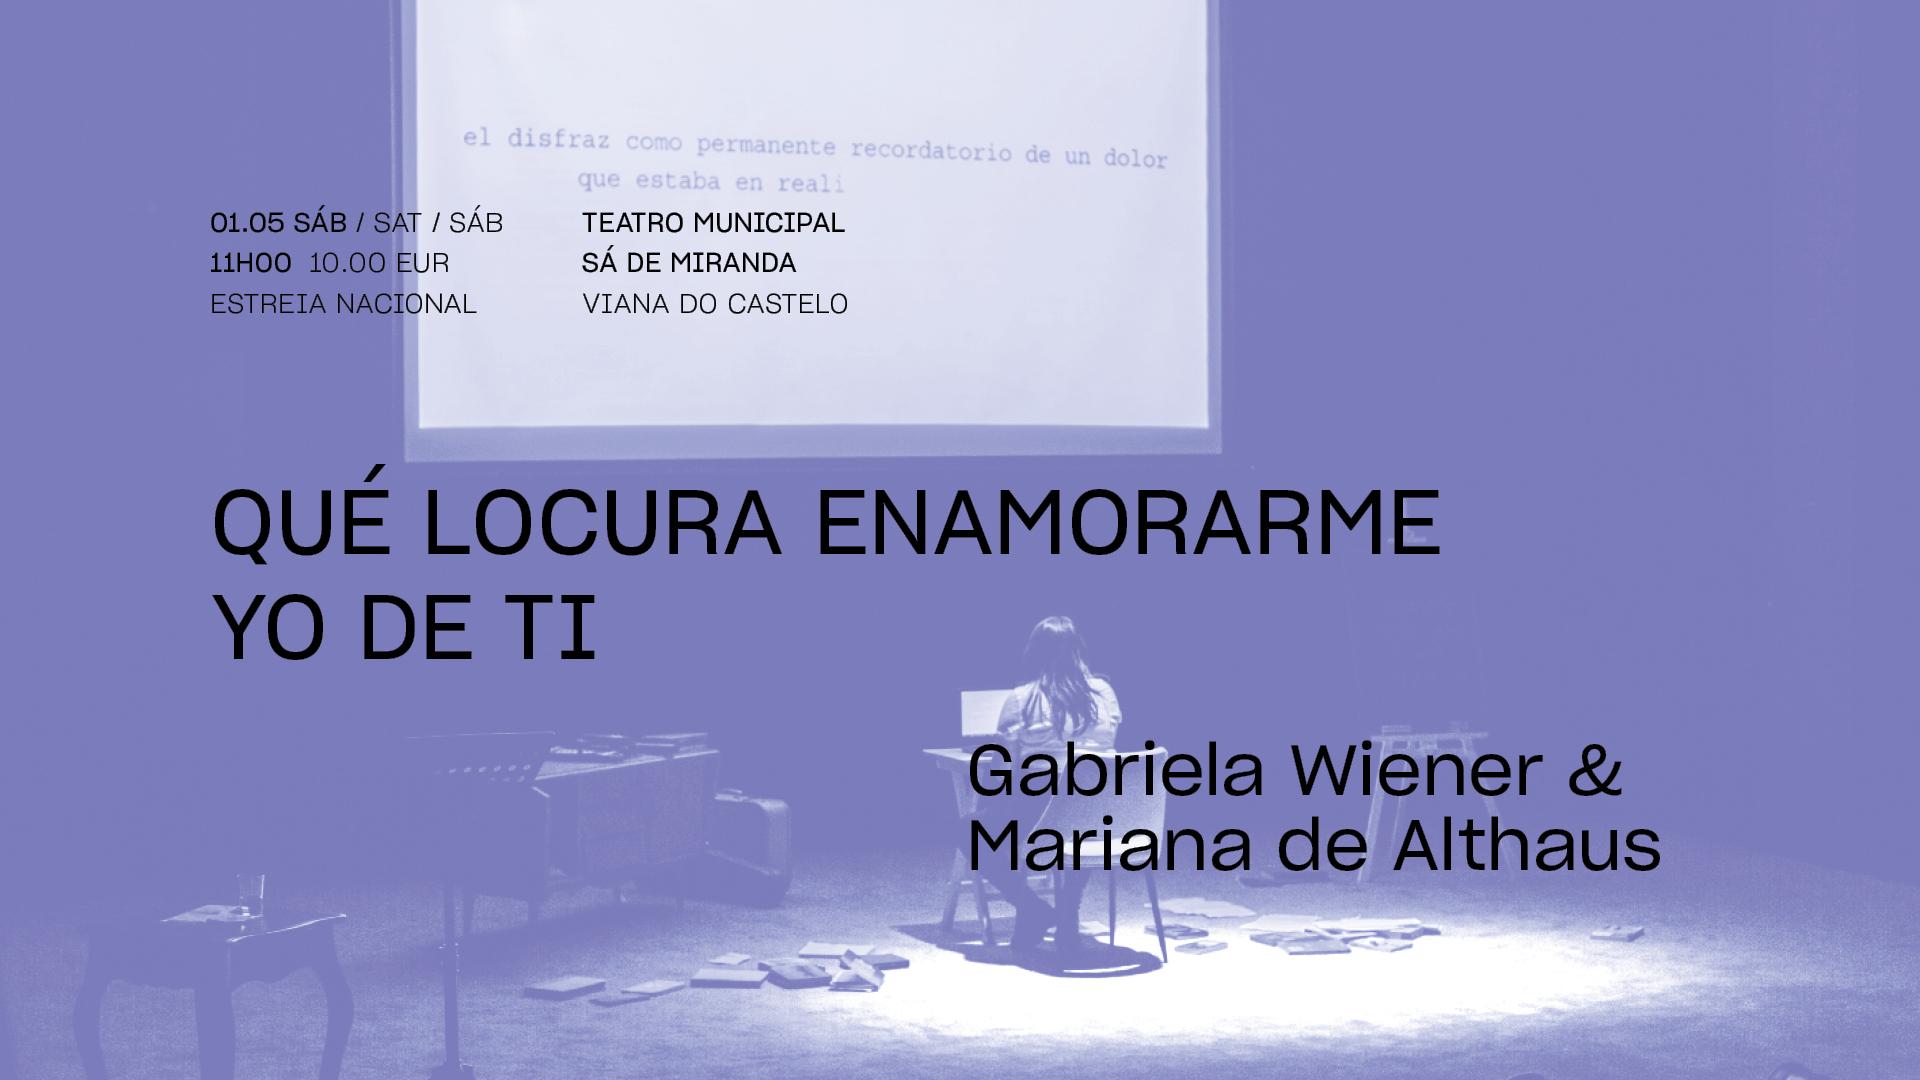 Qué locura enamorarme yo de ti • GABRIELA WIENER & MARIANA DE ALTHAUS • Estreia nacional / Perú